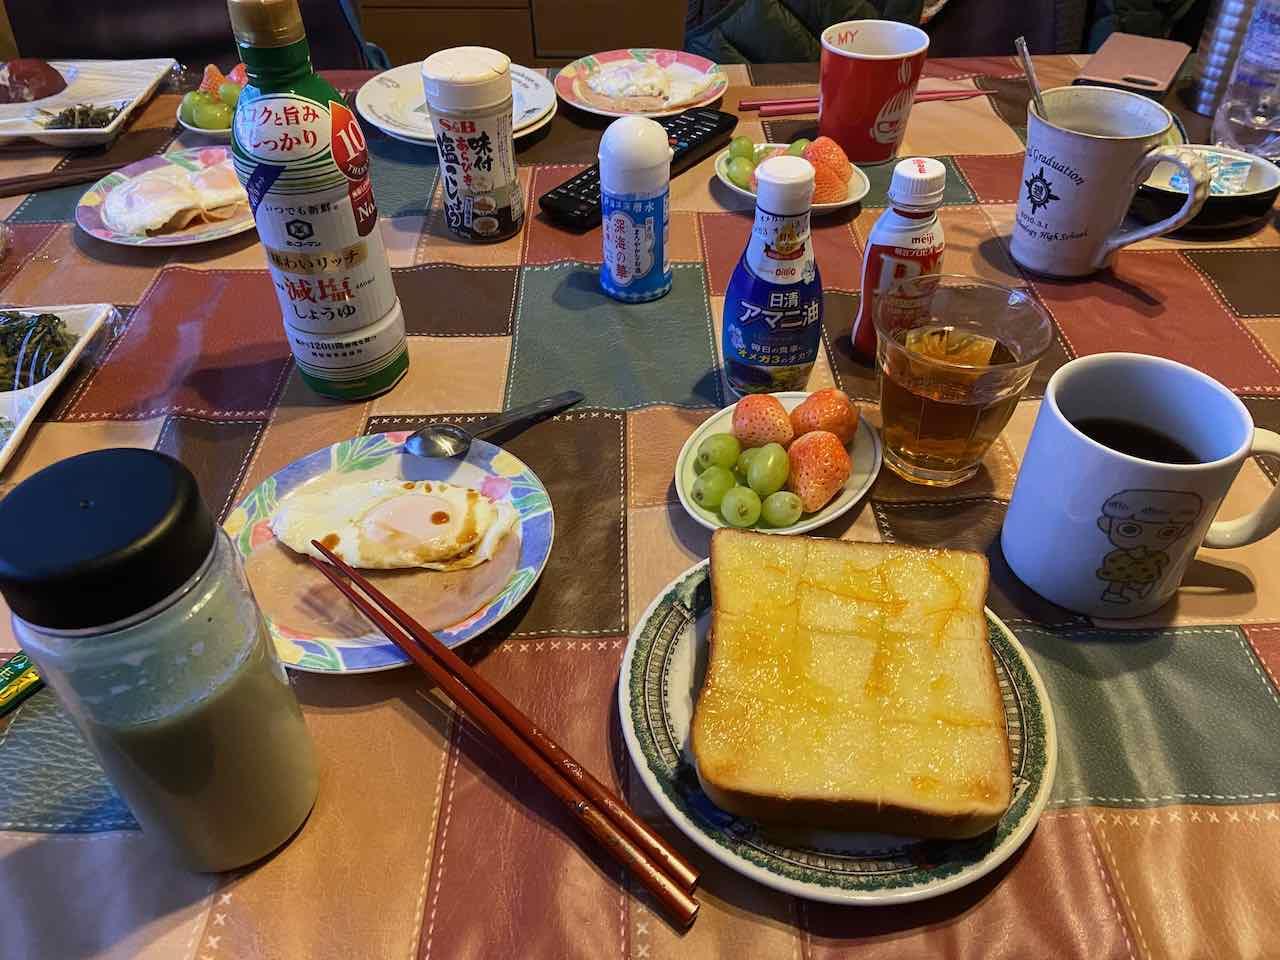 我家の朝食